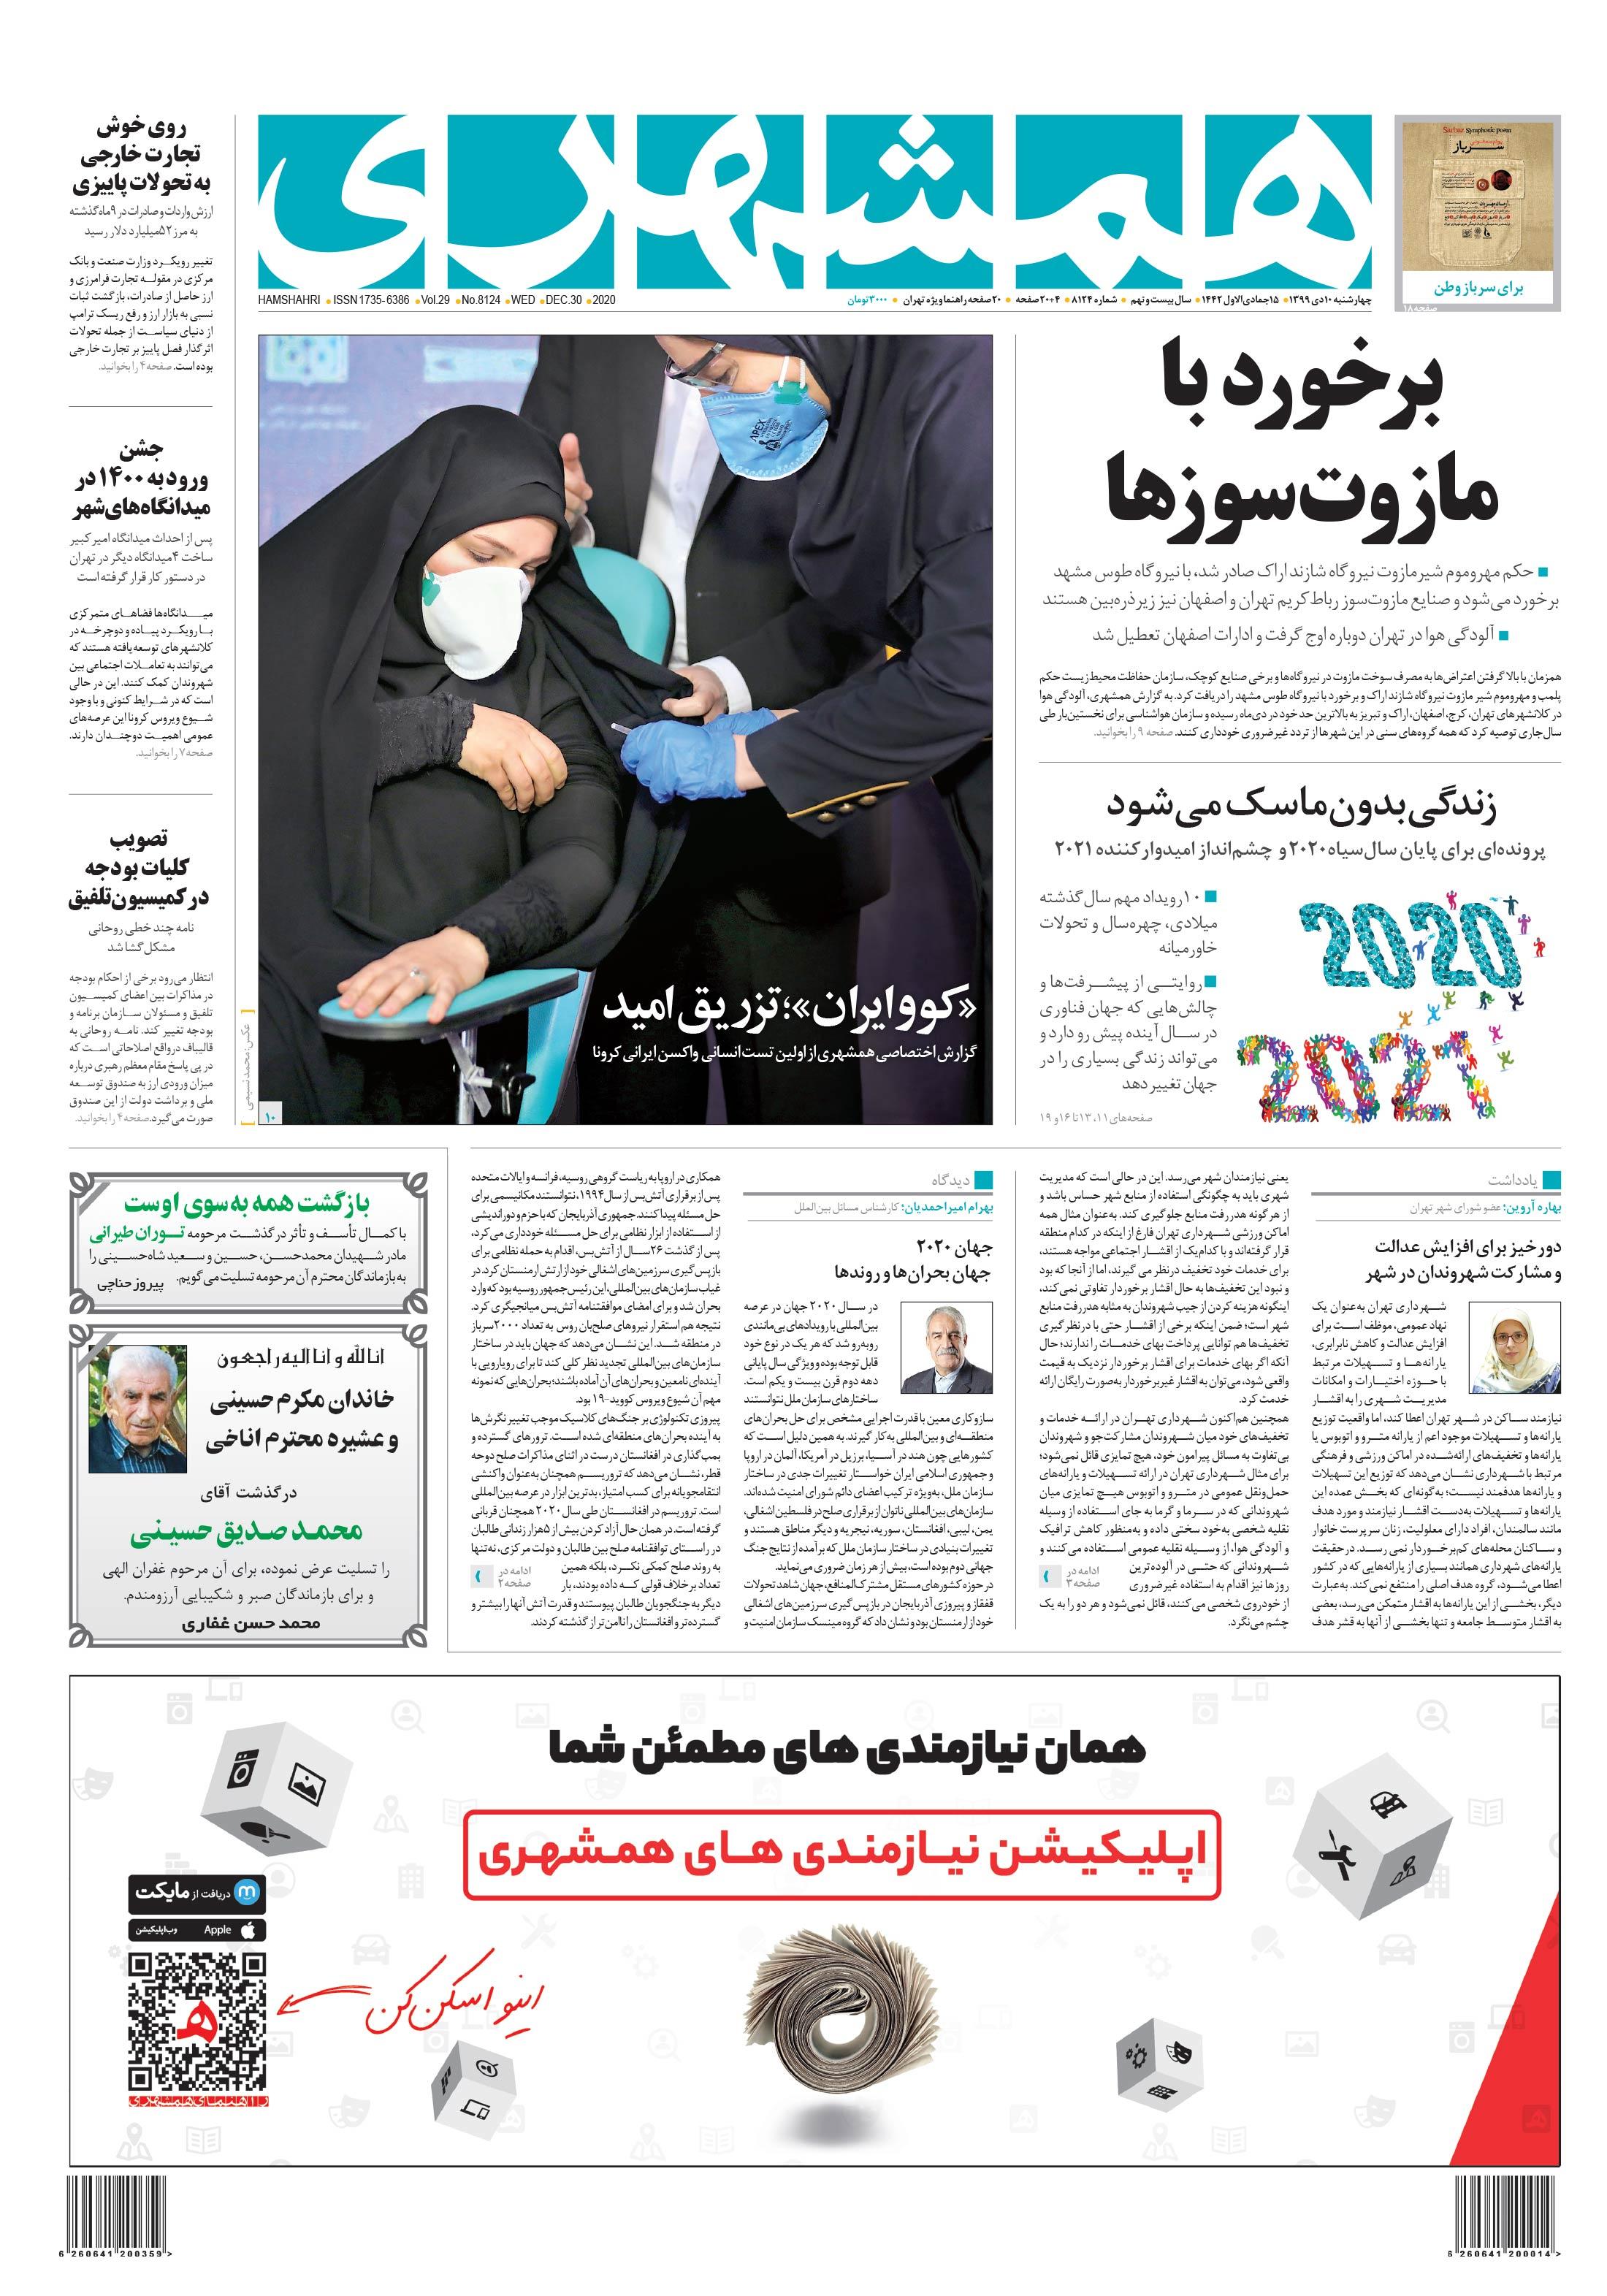 صفحه اول چهارشنبه 10 دی 1399